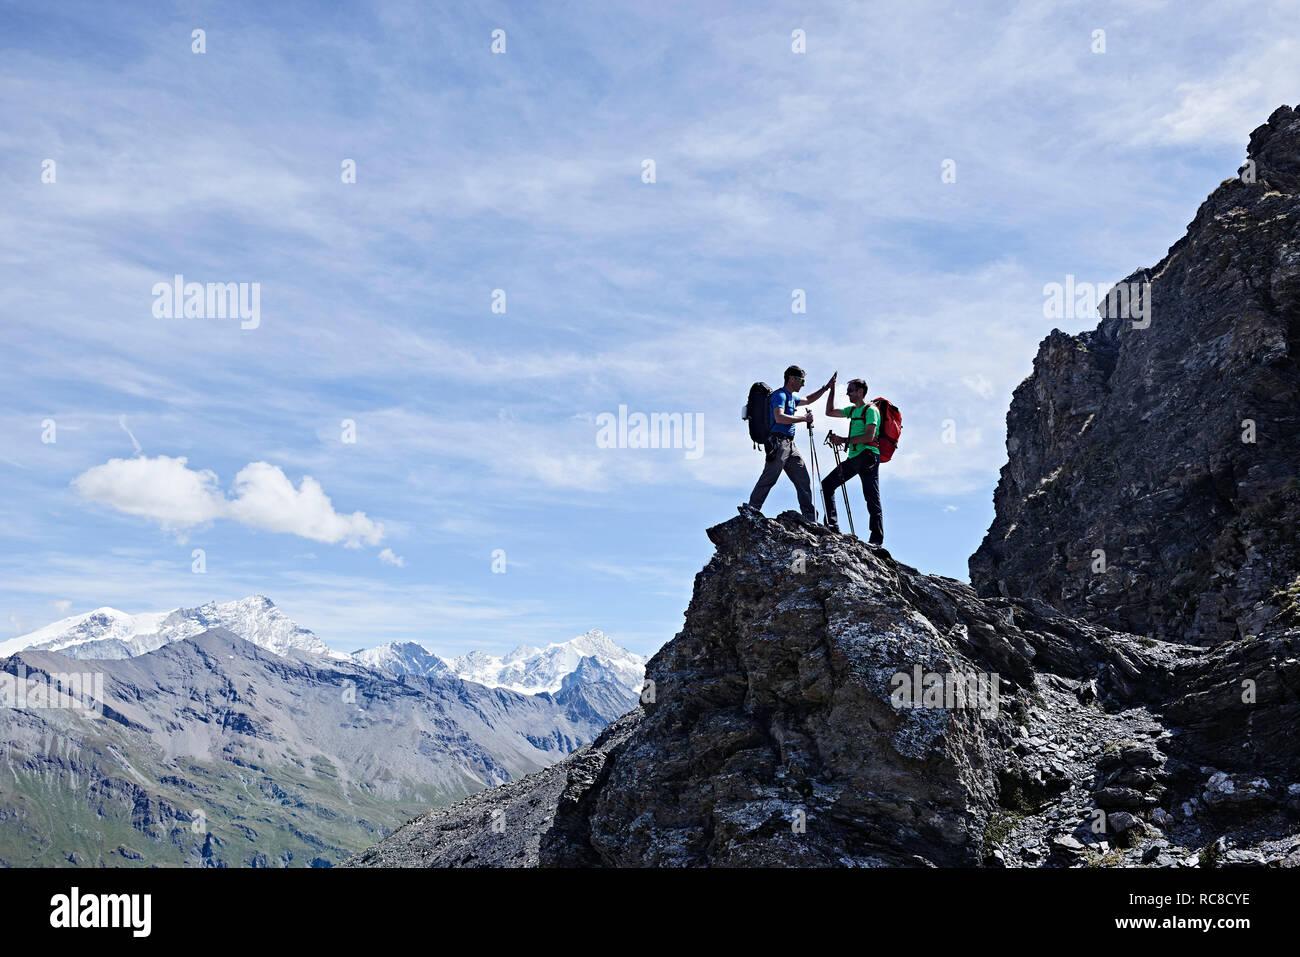 Gli escursionisti di alta fiving sul picco di roccia, Mont Cervin, Cervino, Vallese, Svizzera Foto Stock